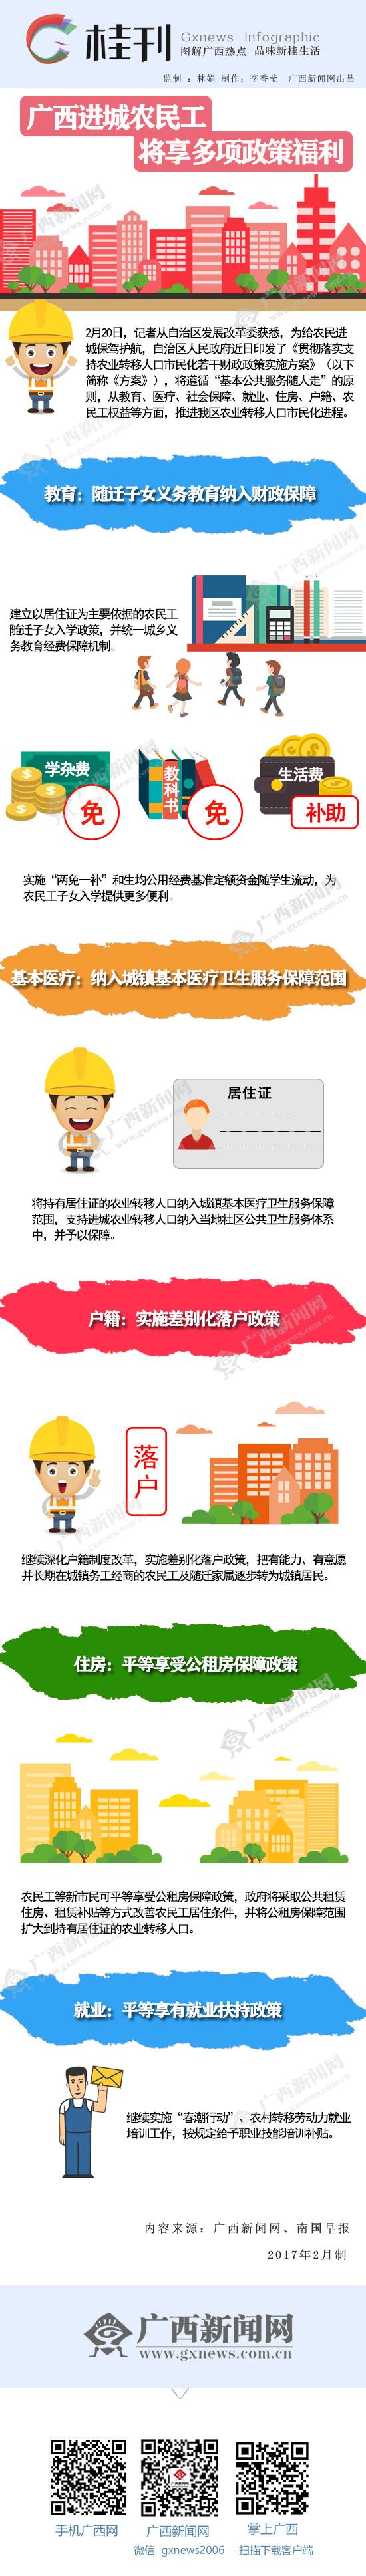 【桂刊】广西进城农民工将享多项政策福利